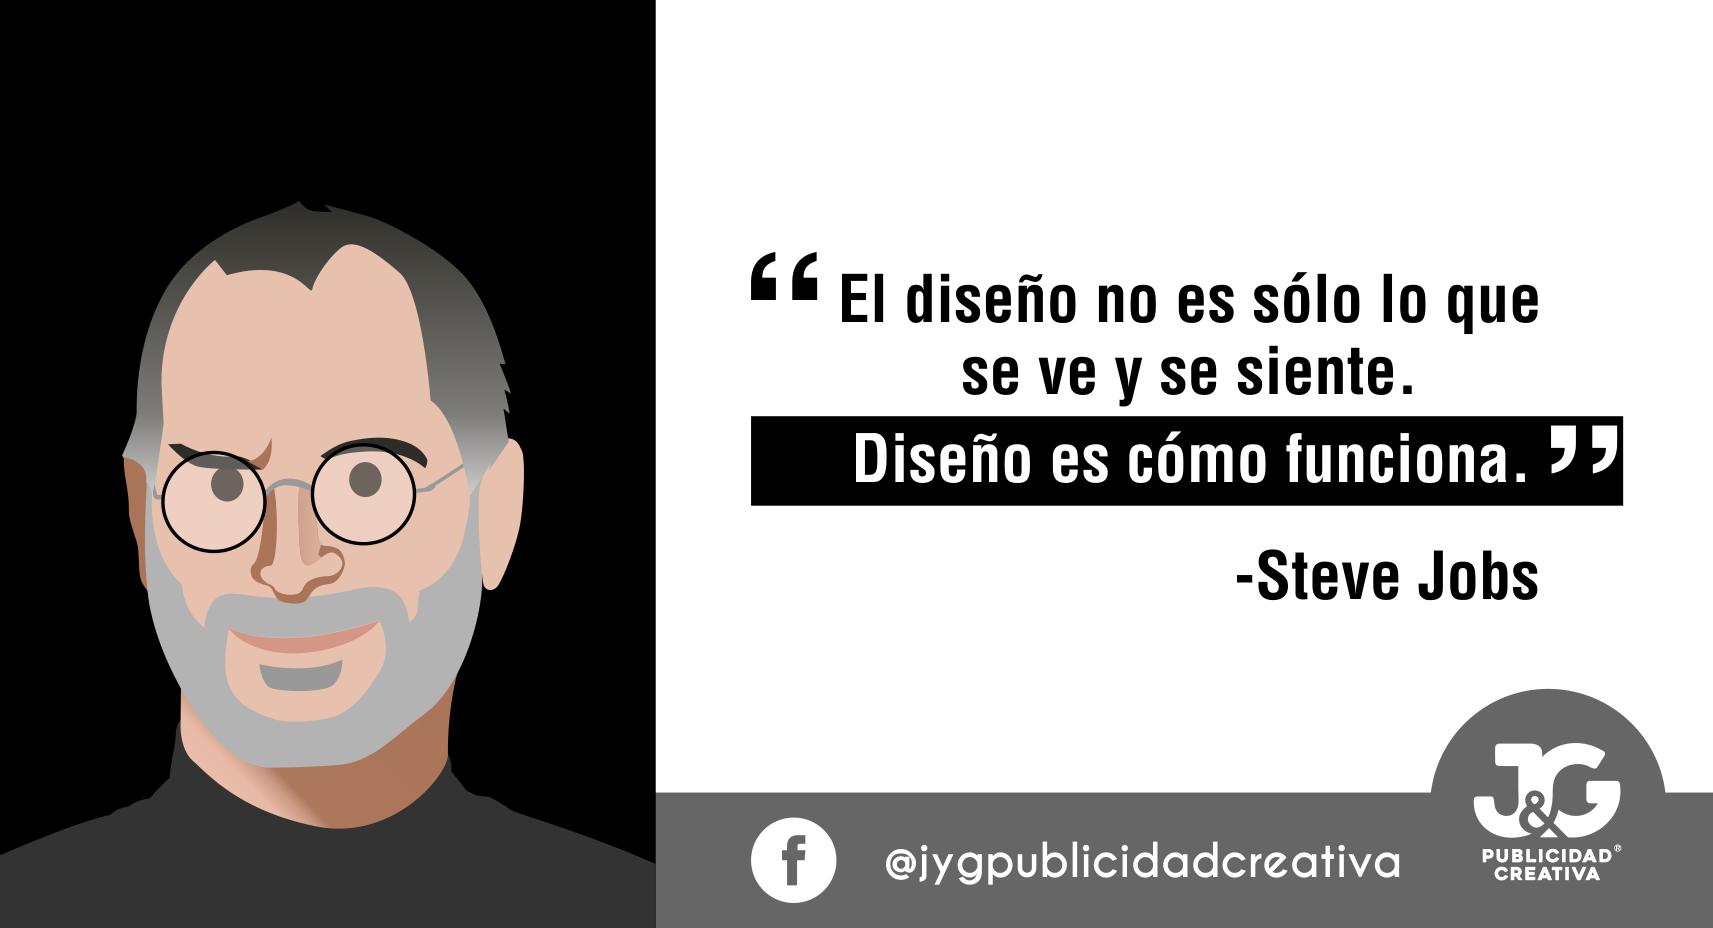 Steve Jobs - JyG Publicidad Creativa